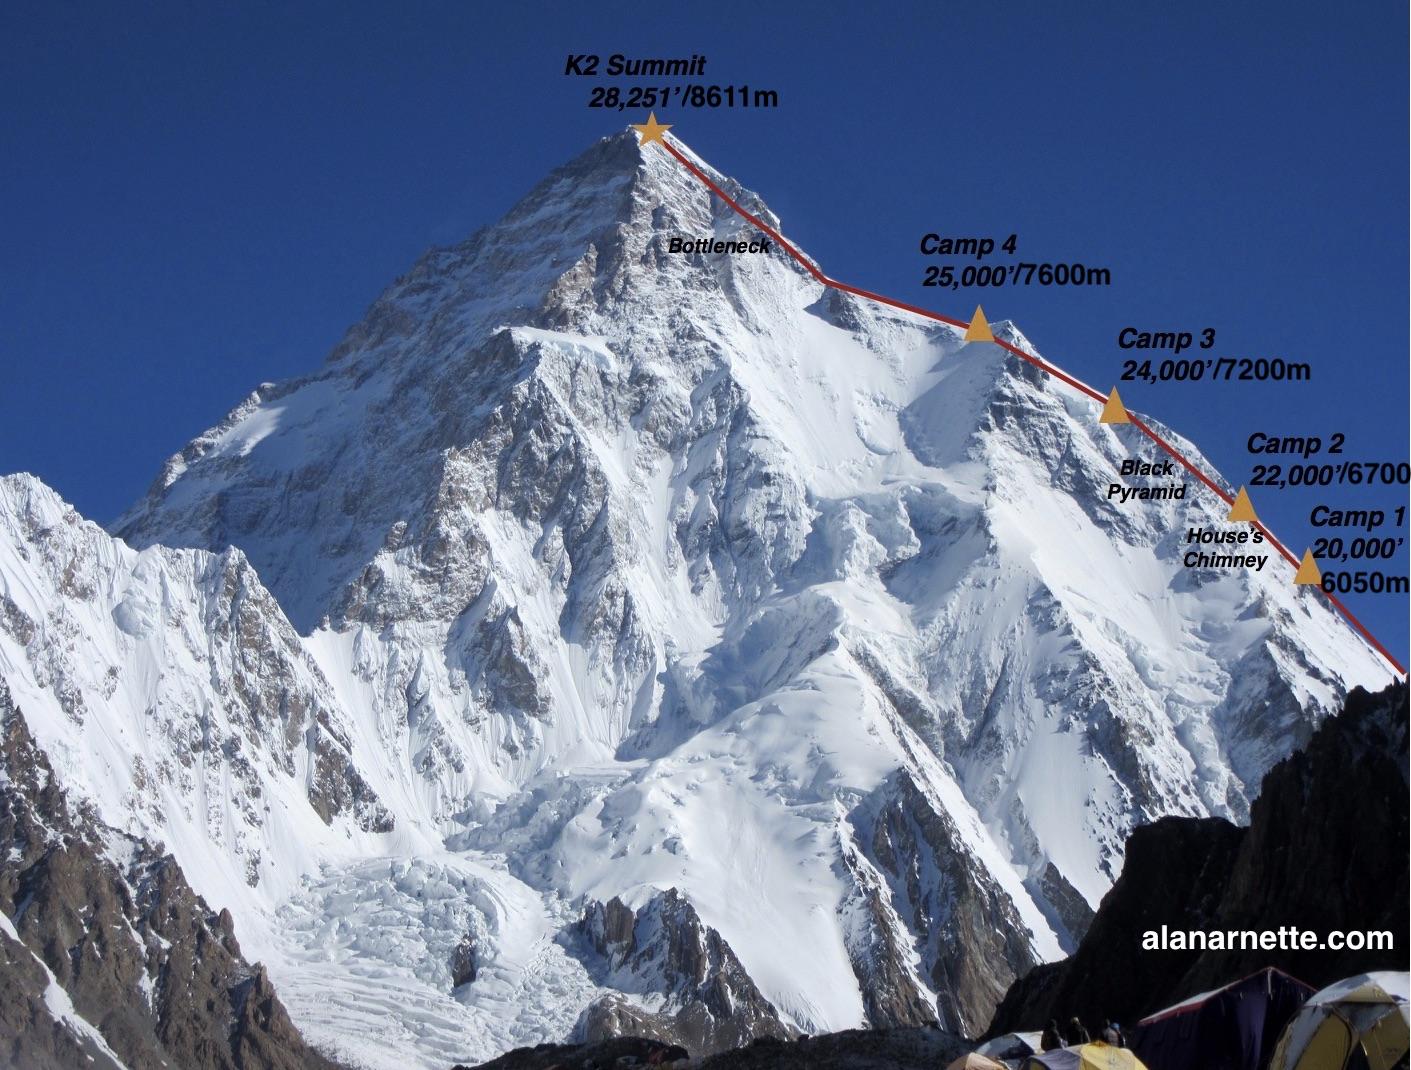 cox's bazar map, mount kilimanjaro map, mt. fuji map, mount kilimanjaro, mauna kea, aral sea map, h1 map, khyber pass map, kamet map, deccan plateau map, sulaiman range map, kanchenjunga map, mount rainier, karakoram map, hasa map, mount everest map, mount elbrus, kashmir map, 2008 k2 disaster, hindu kush, hindu kush map, thar desert map, karachi map, j6 map, eastern ghats map, kangchenjunga map, mount everest, seven summits, mount mckinley, on k2 map